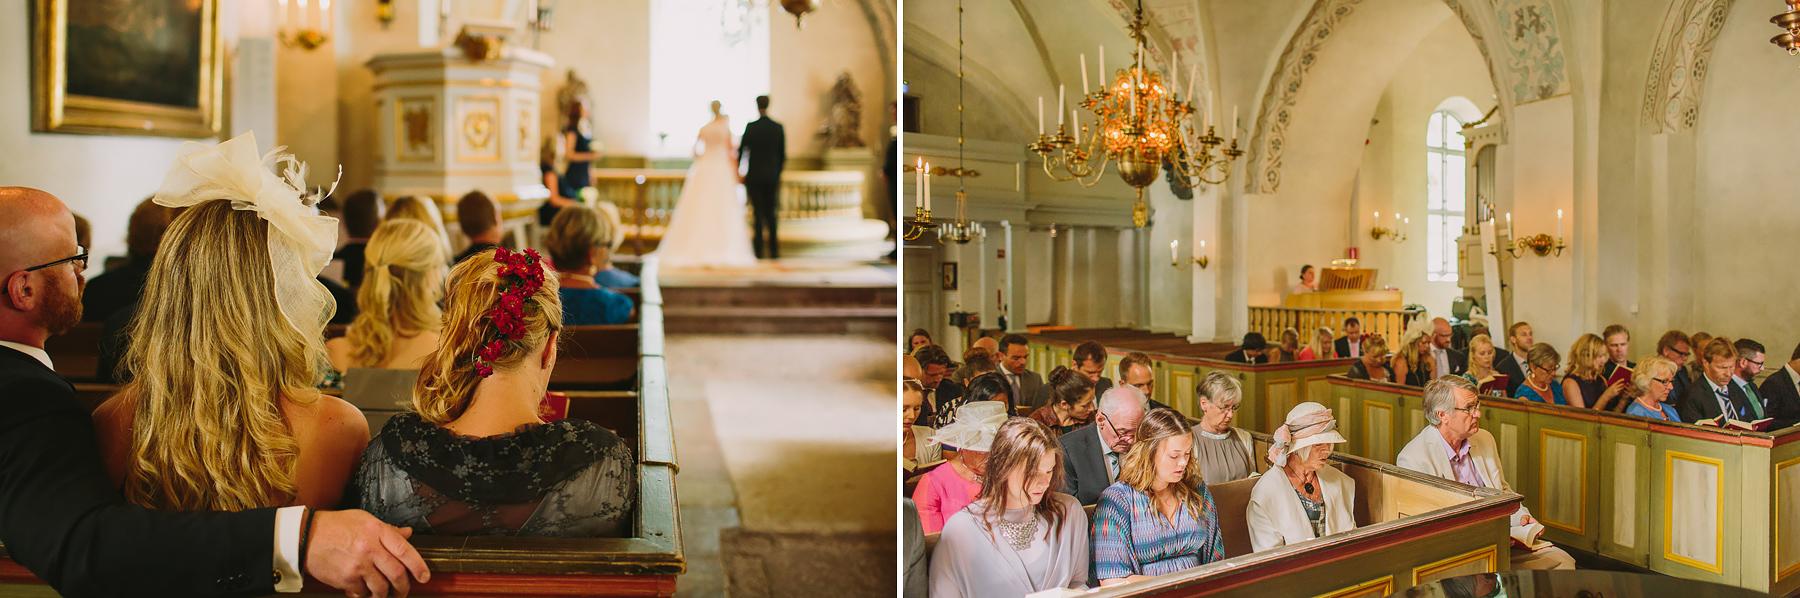 gäster på bröllop i kyrkan